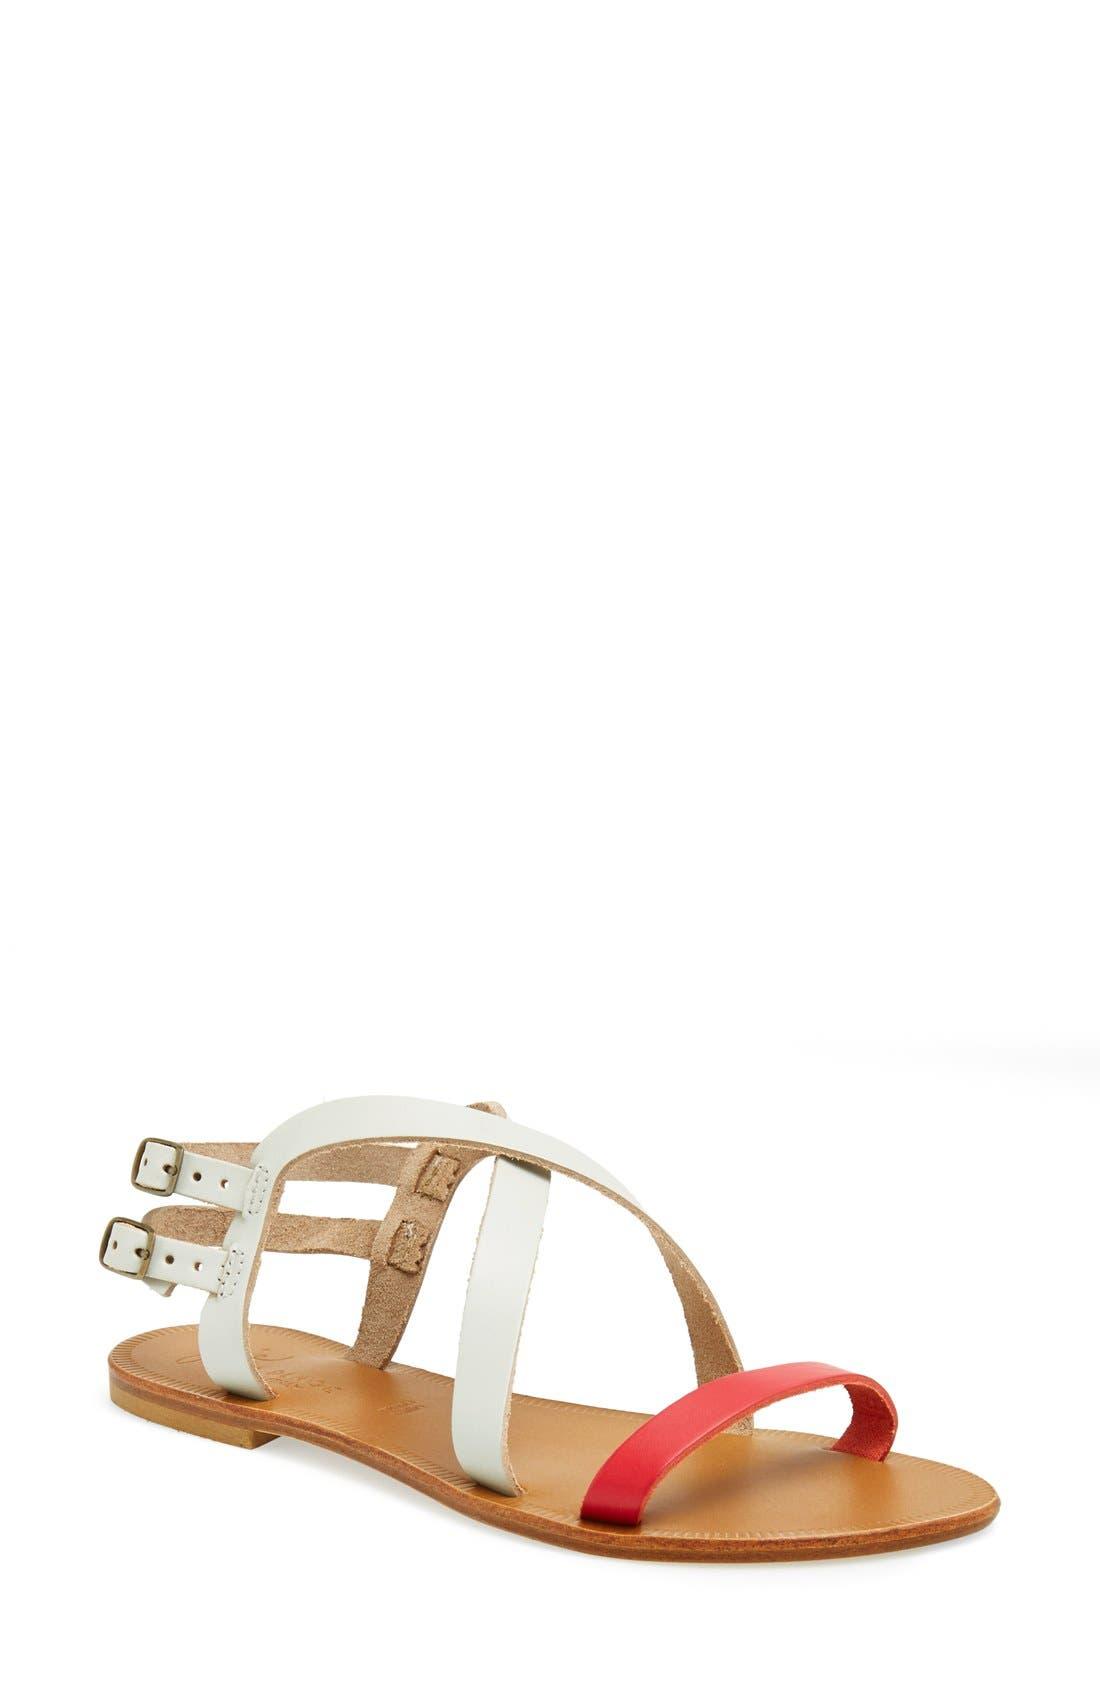 Alternate Image 1 Selected - Joie 'Socoa' Sandal (Women)